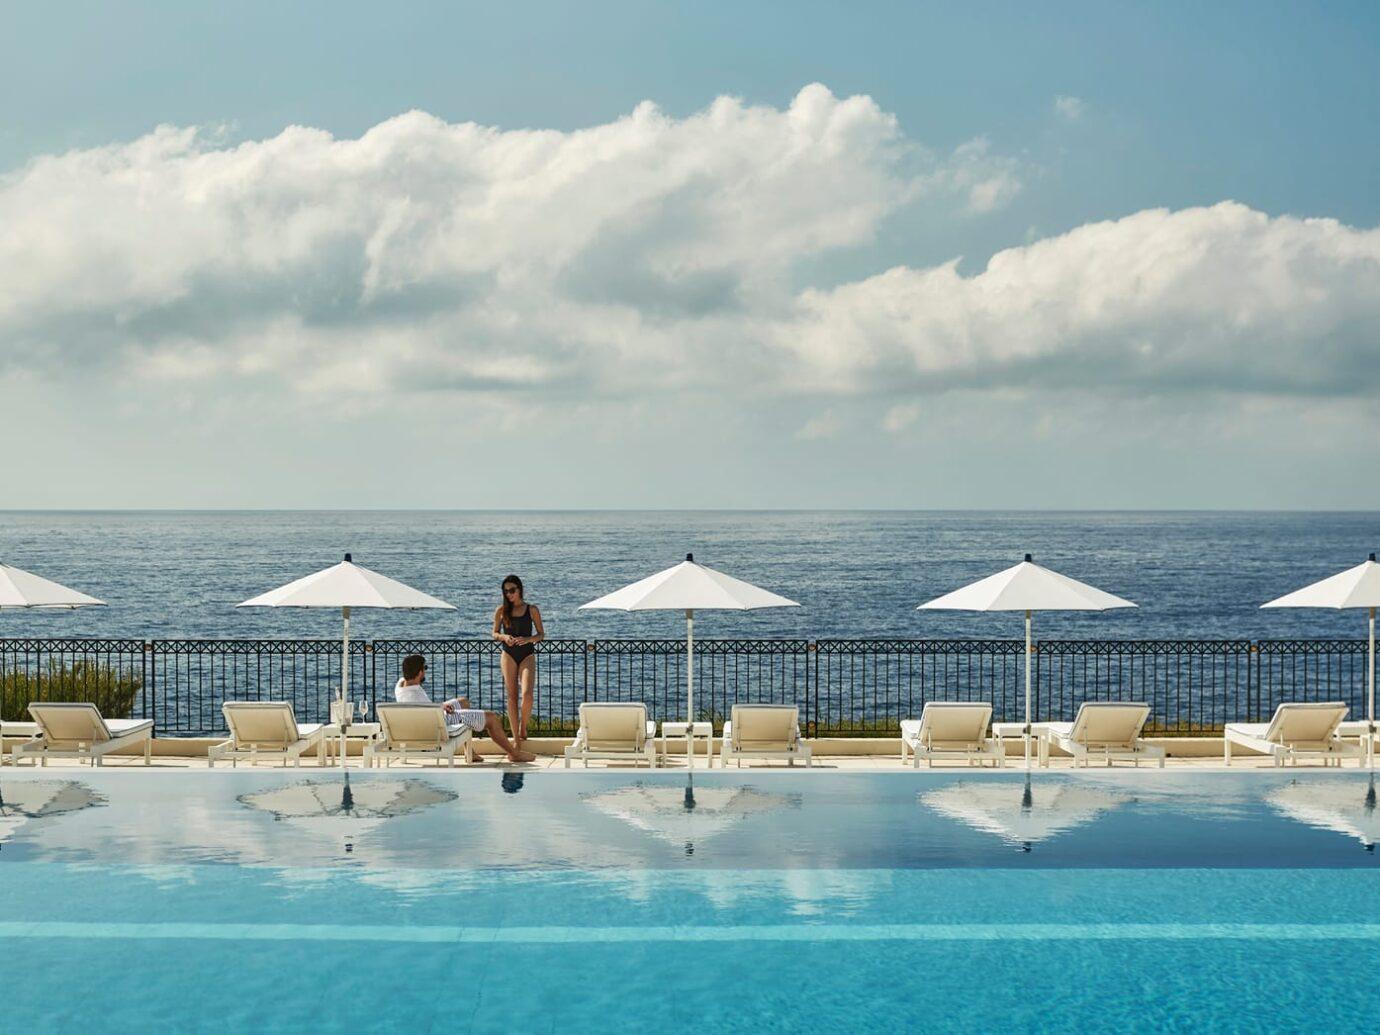 Pool at Grand-Hôtel du Cap-Ferrat